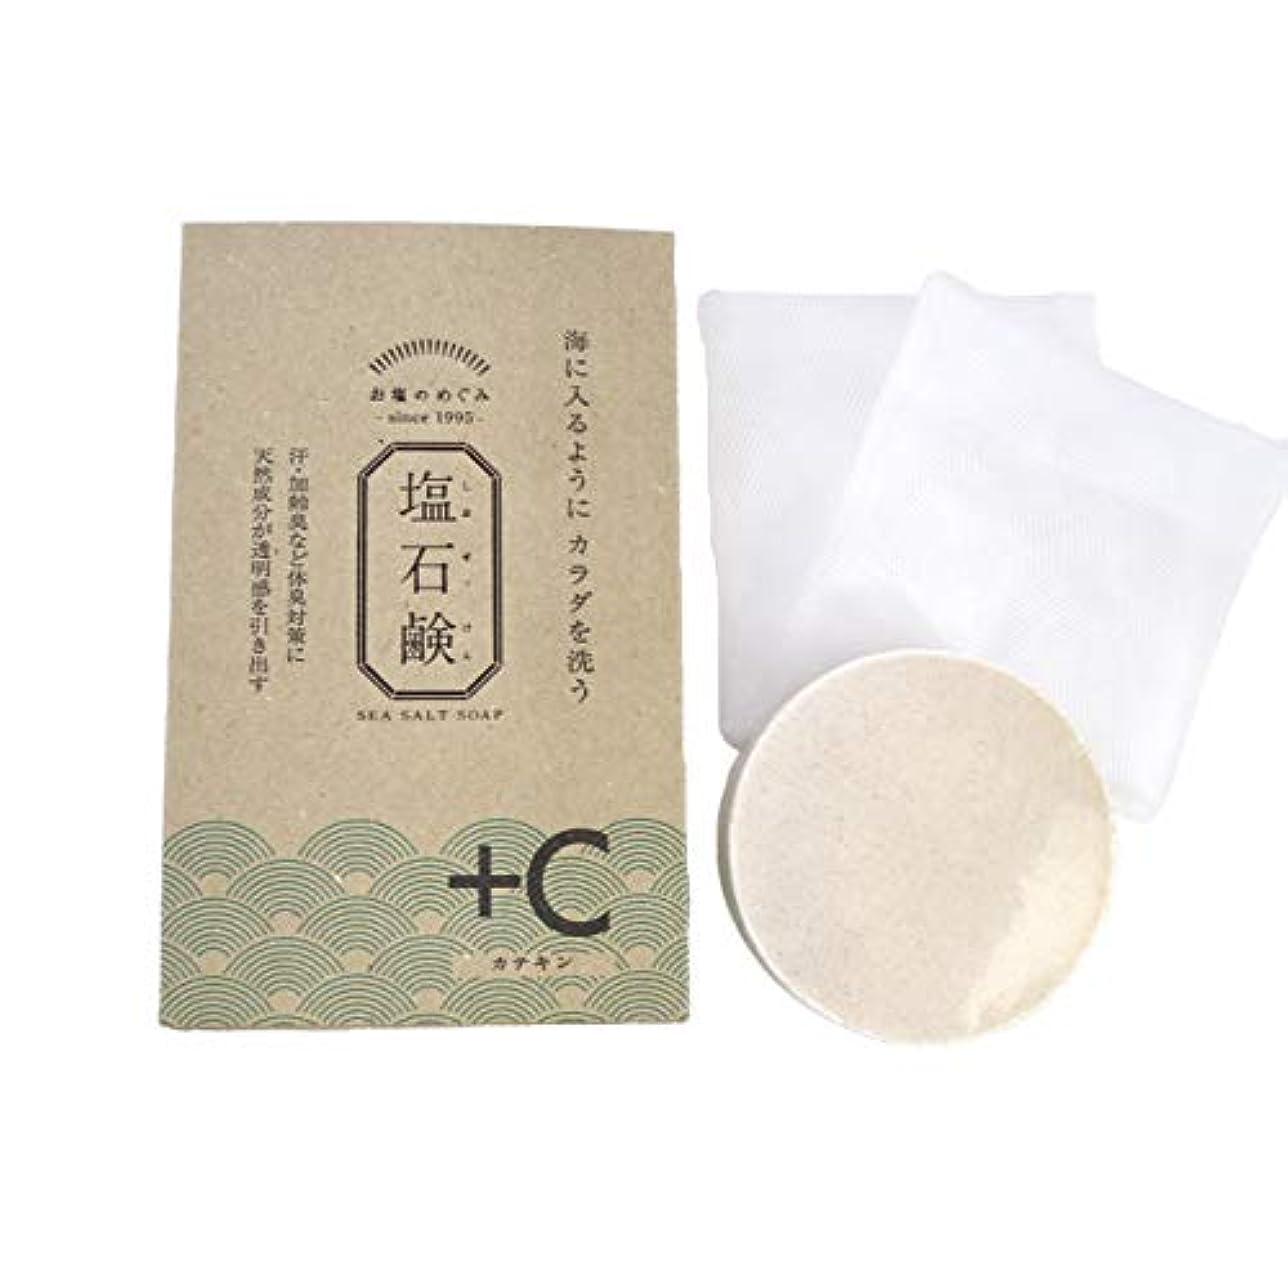 植物性 海塩 洗顔 ボディ用 石鹸 低刺激 敏感肌用 うるおい肌 体臭に効く 石鹸 (塩せっけん さわやかカテキン)